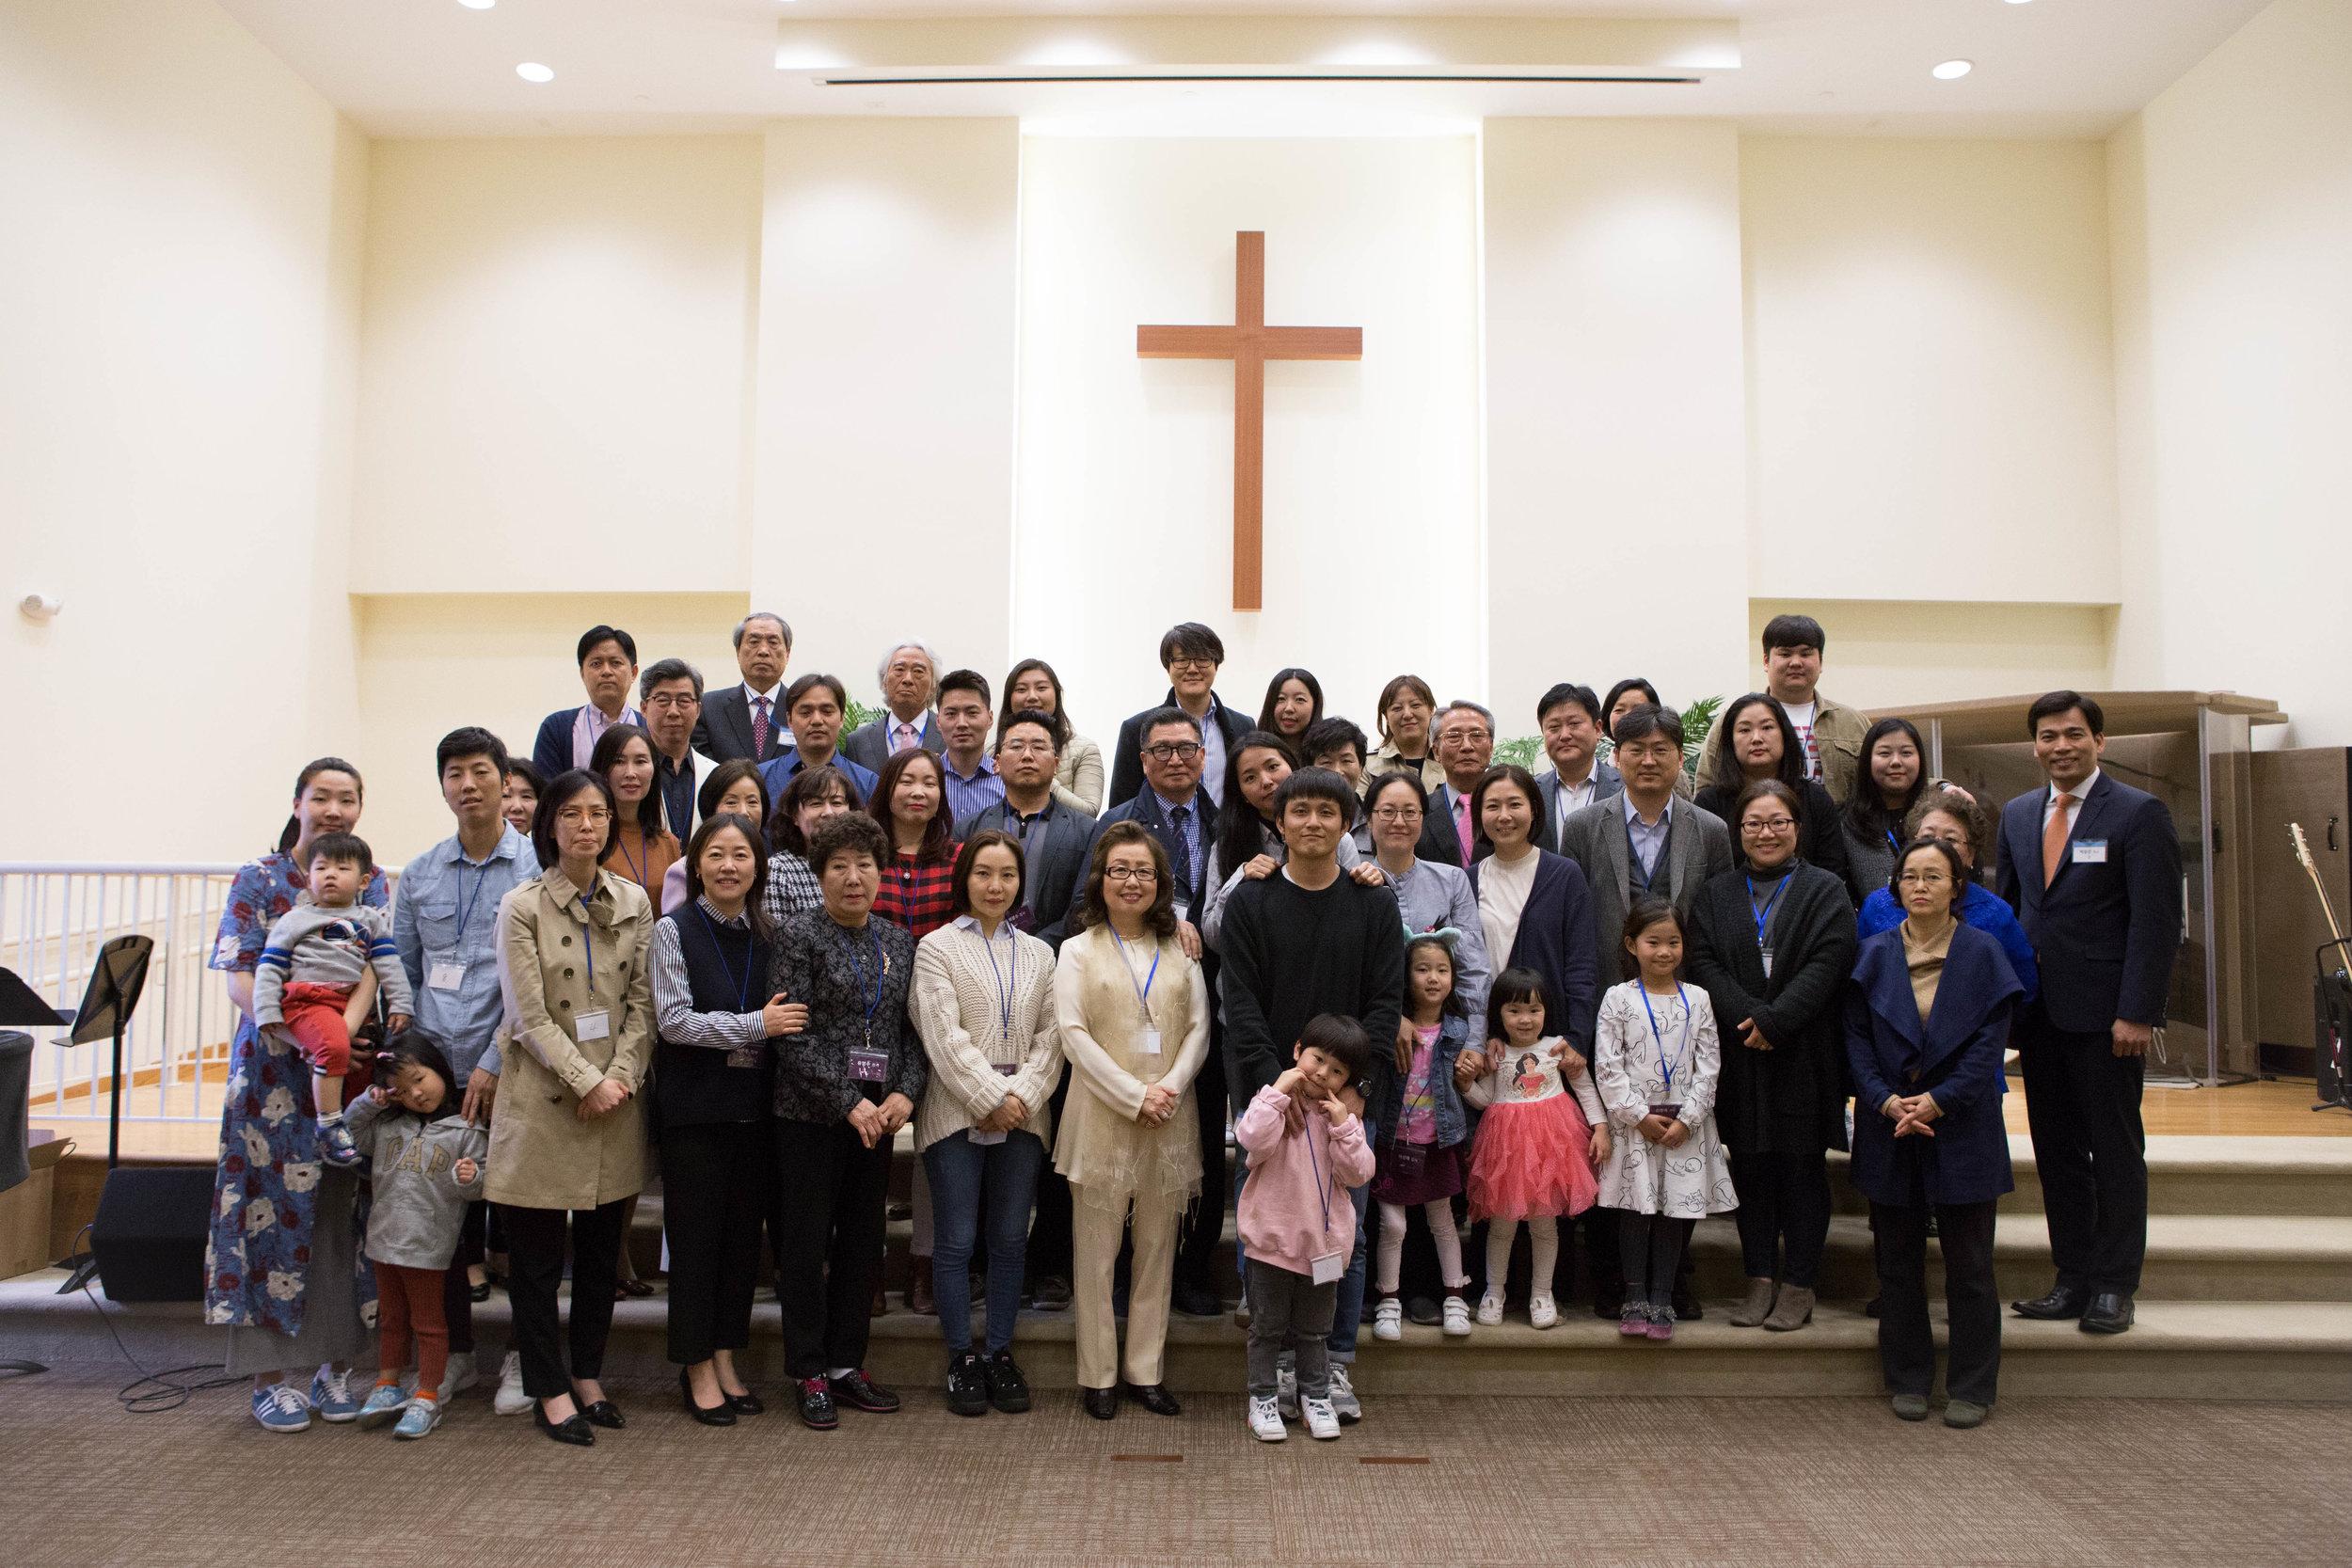 4/5 새가족 환영회 - 2018년 12월부터 2019년 3월까지 참된교회에 등록하신 새가족을 모시고 환영하며 축복하는 새가족 환영회가 열렸습니다.